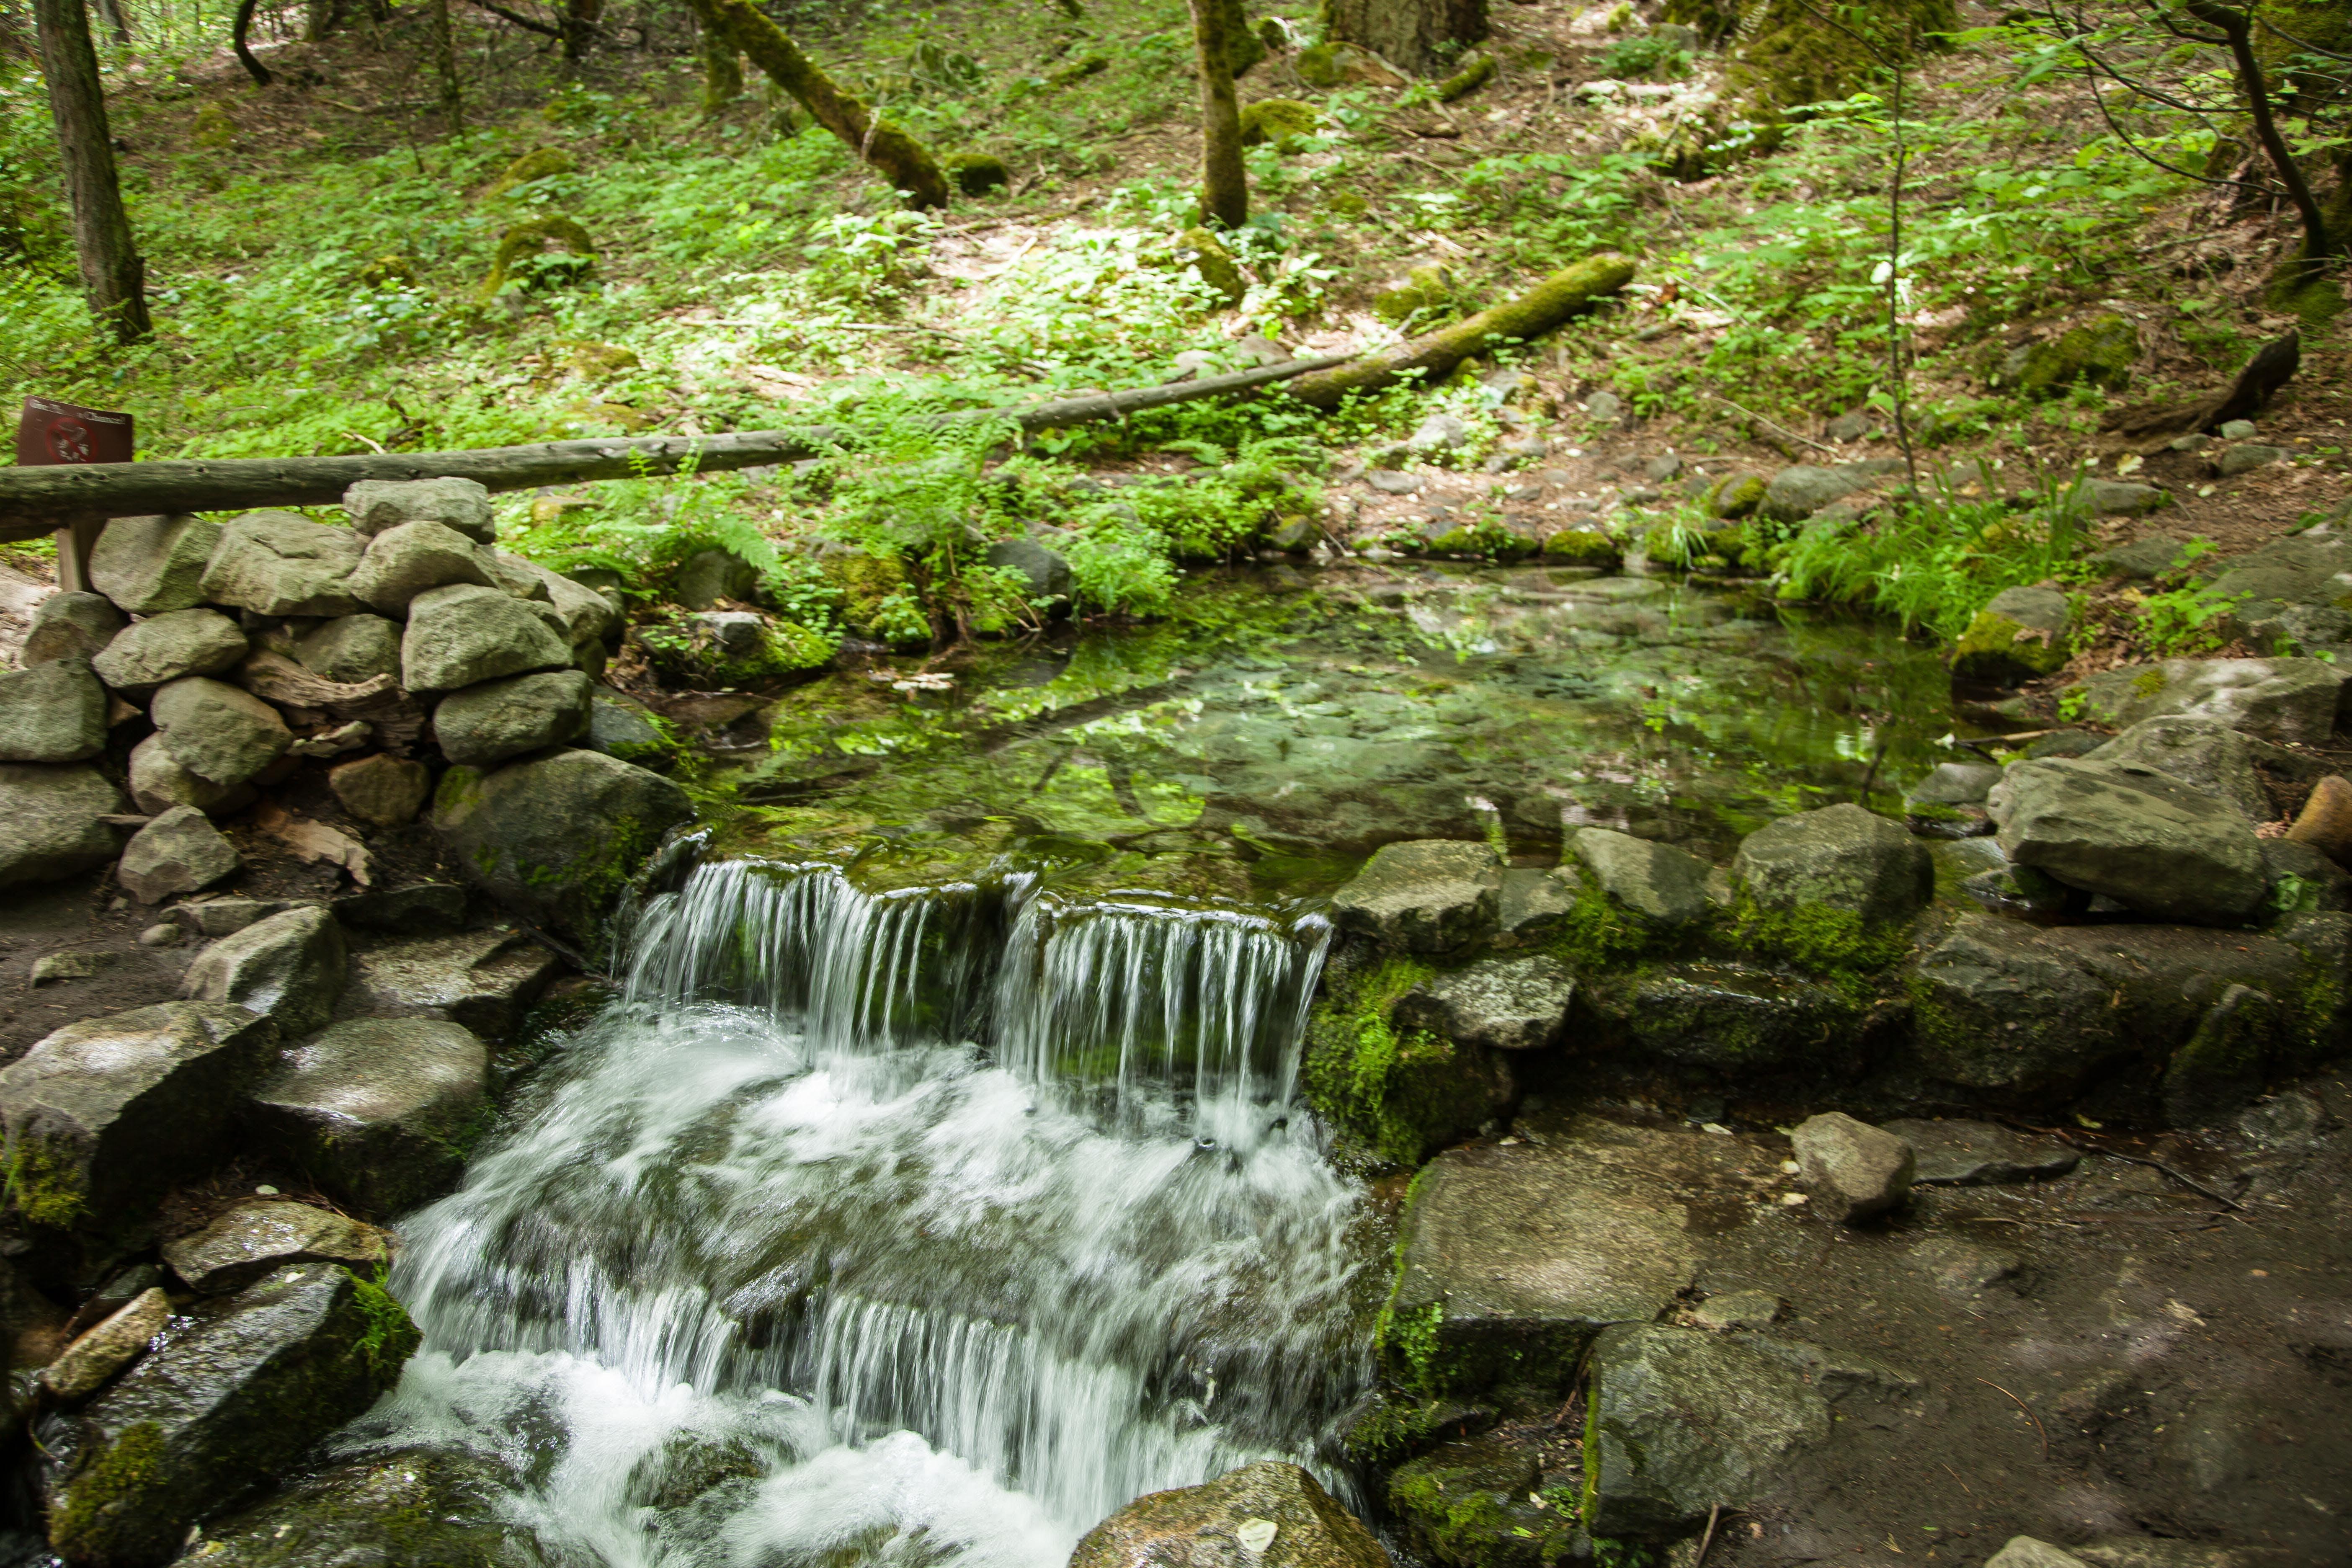 Free stock photo of Littel waterfall, running water, stream, waterfall